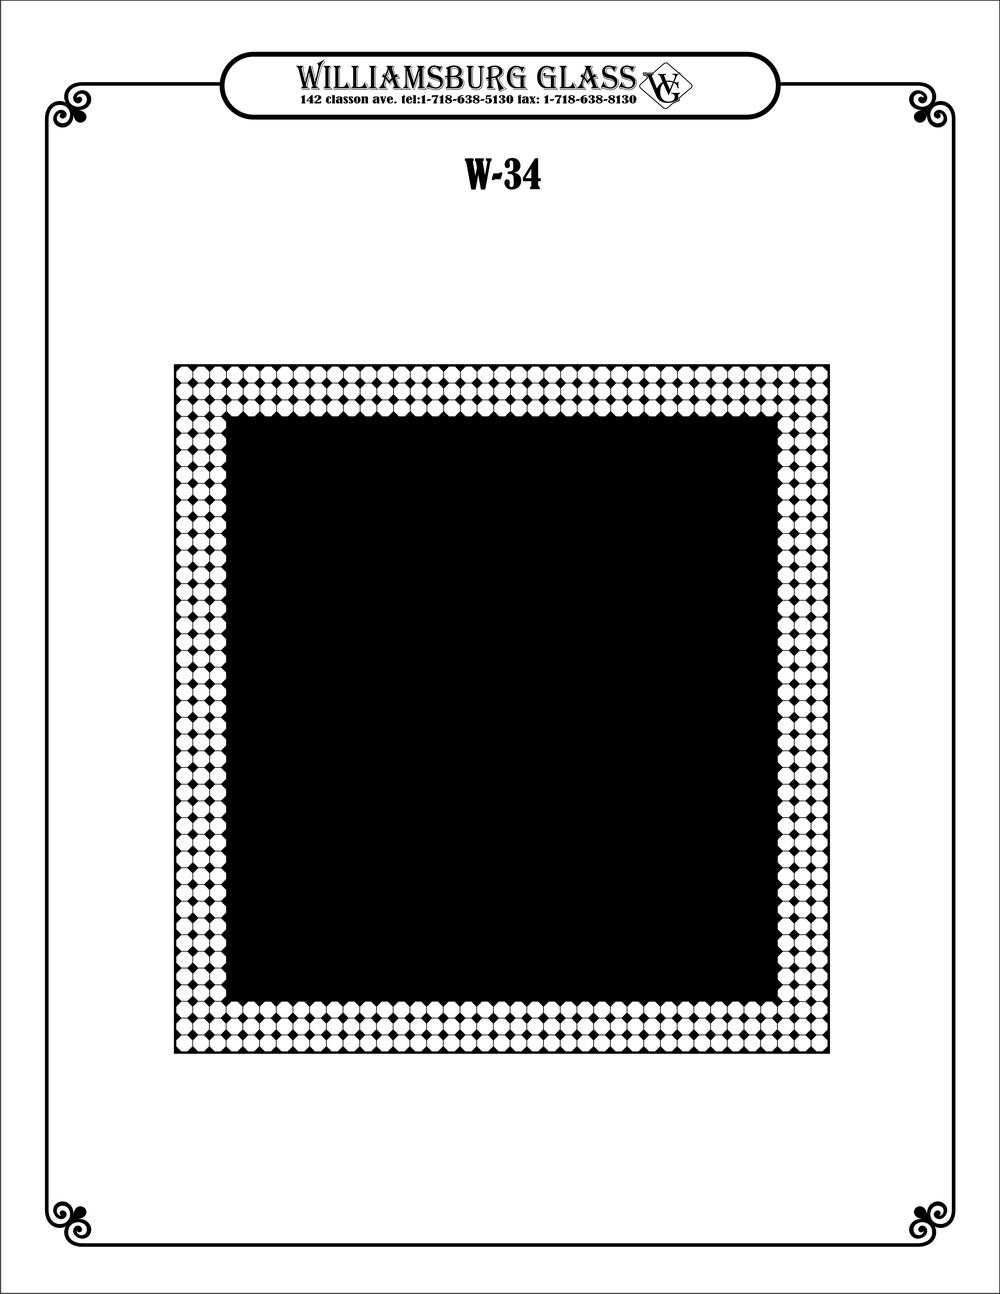 WG-34.jpg